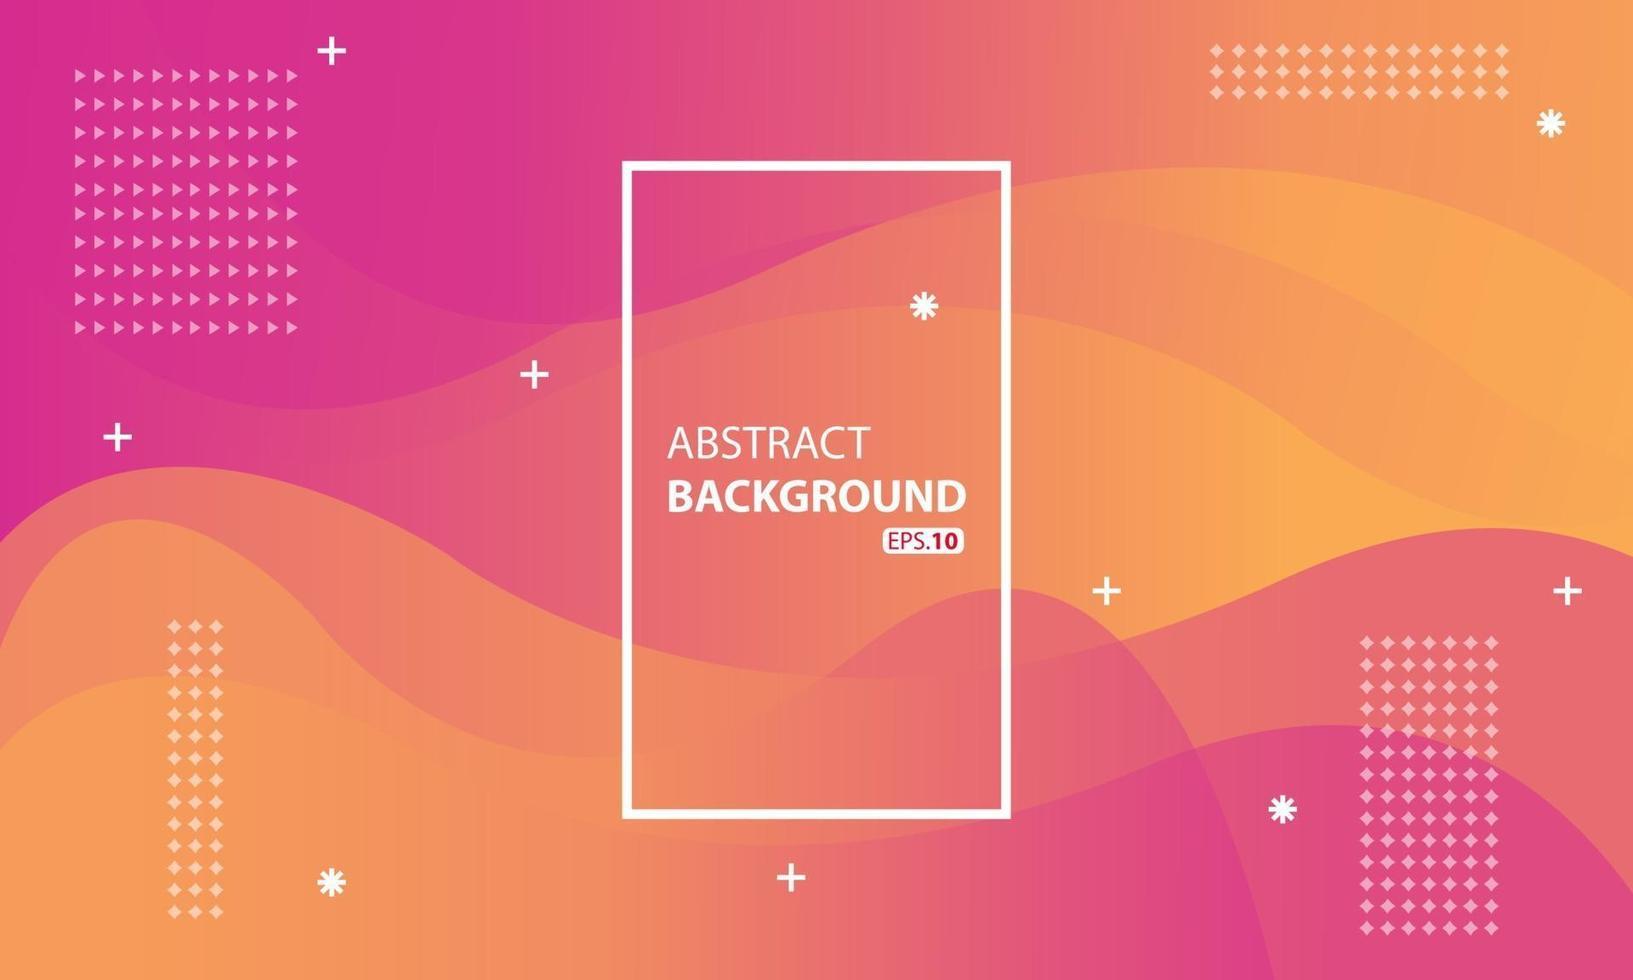 rosa und orange flüssiger Farbhintergrund. Wellenförmiger geometrischer Hintergrund. Dynamisches strukturiertes geometrisches Elementdesign. vektor